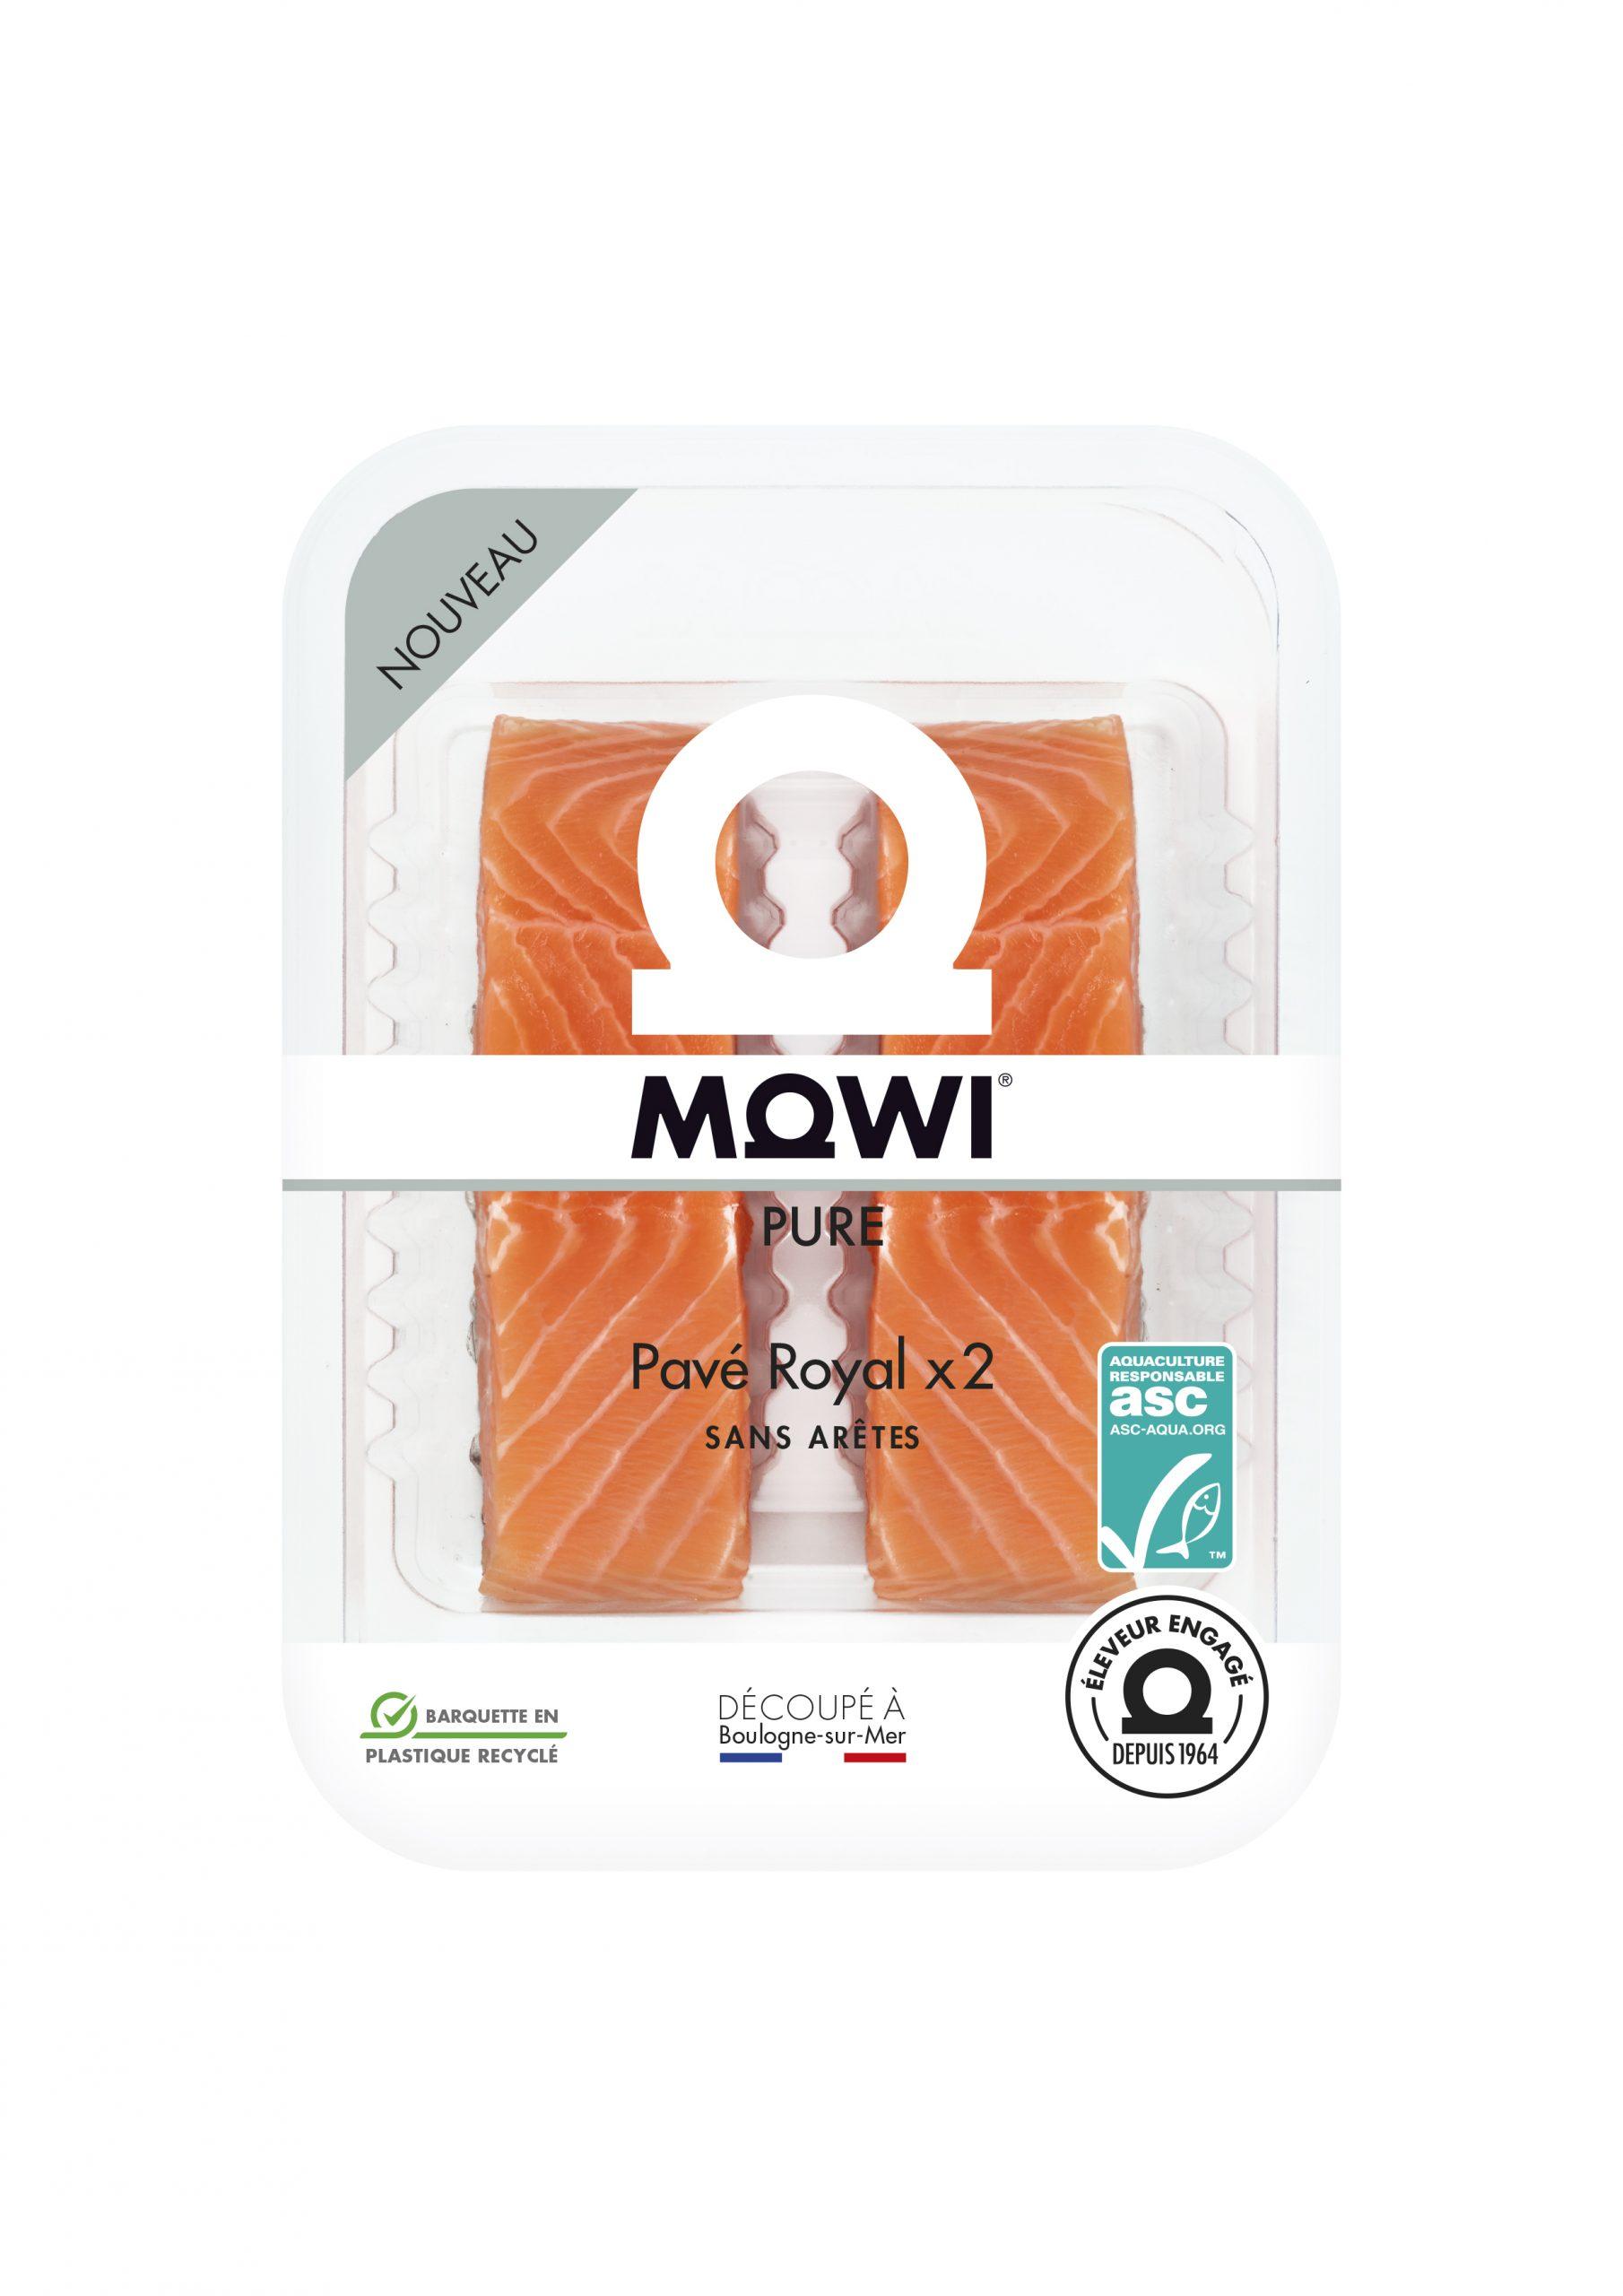 MOWI Pure Pave Royal ASC x2 scaled - Des nouvelles références Mowi s'invitent à table !